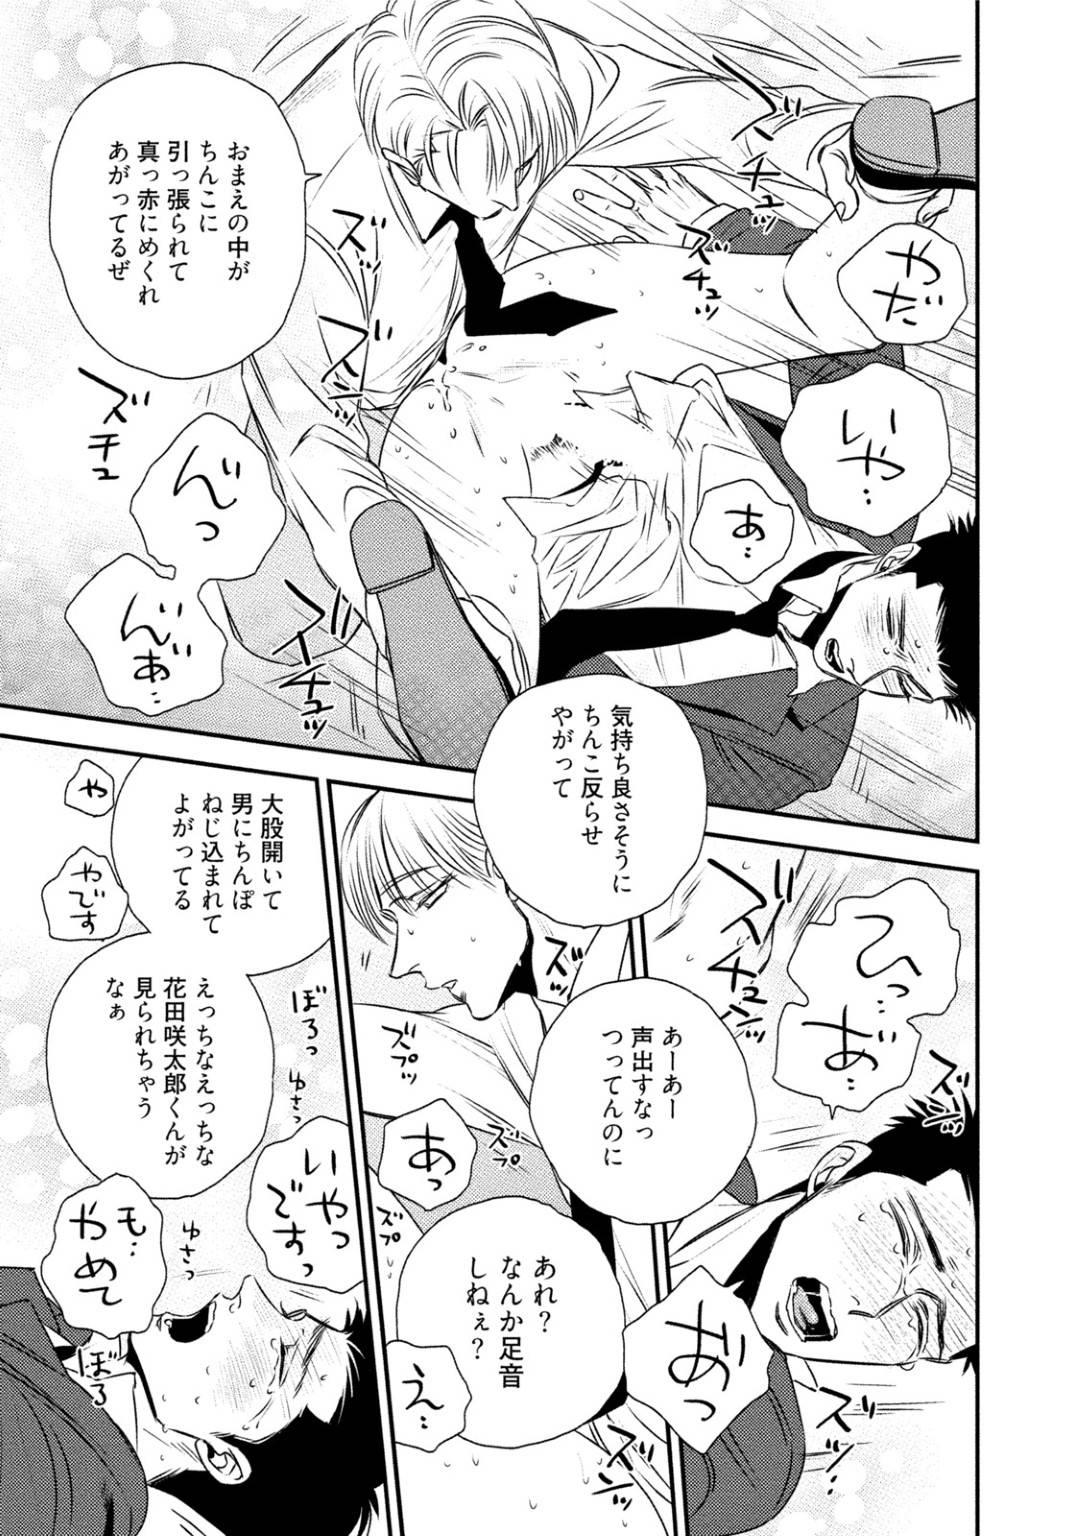 体育会系の花田…新しい会社に入社した花田は、ゆるい上司の蝶野に戸惑っていた。飲み会で気持ち悪くなった花田は、蝶野に指を入れられ吐かされると感じてしまう。潜在的ドM性癖を見抜かれた花田は、会社で蝶野に責められアナルセックス!